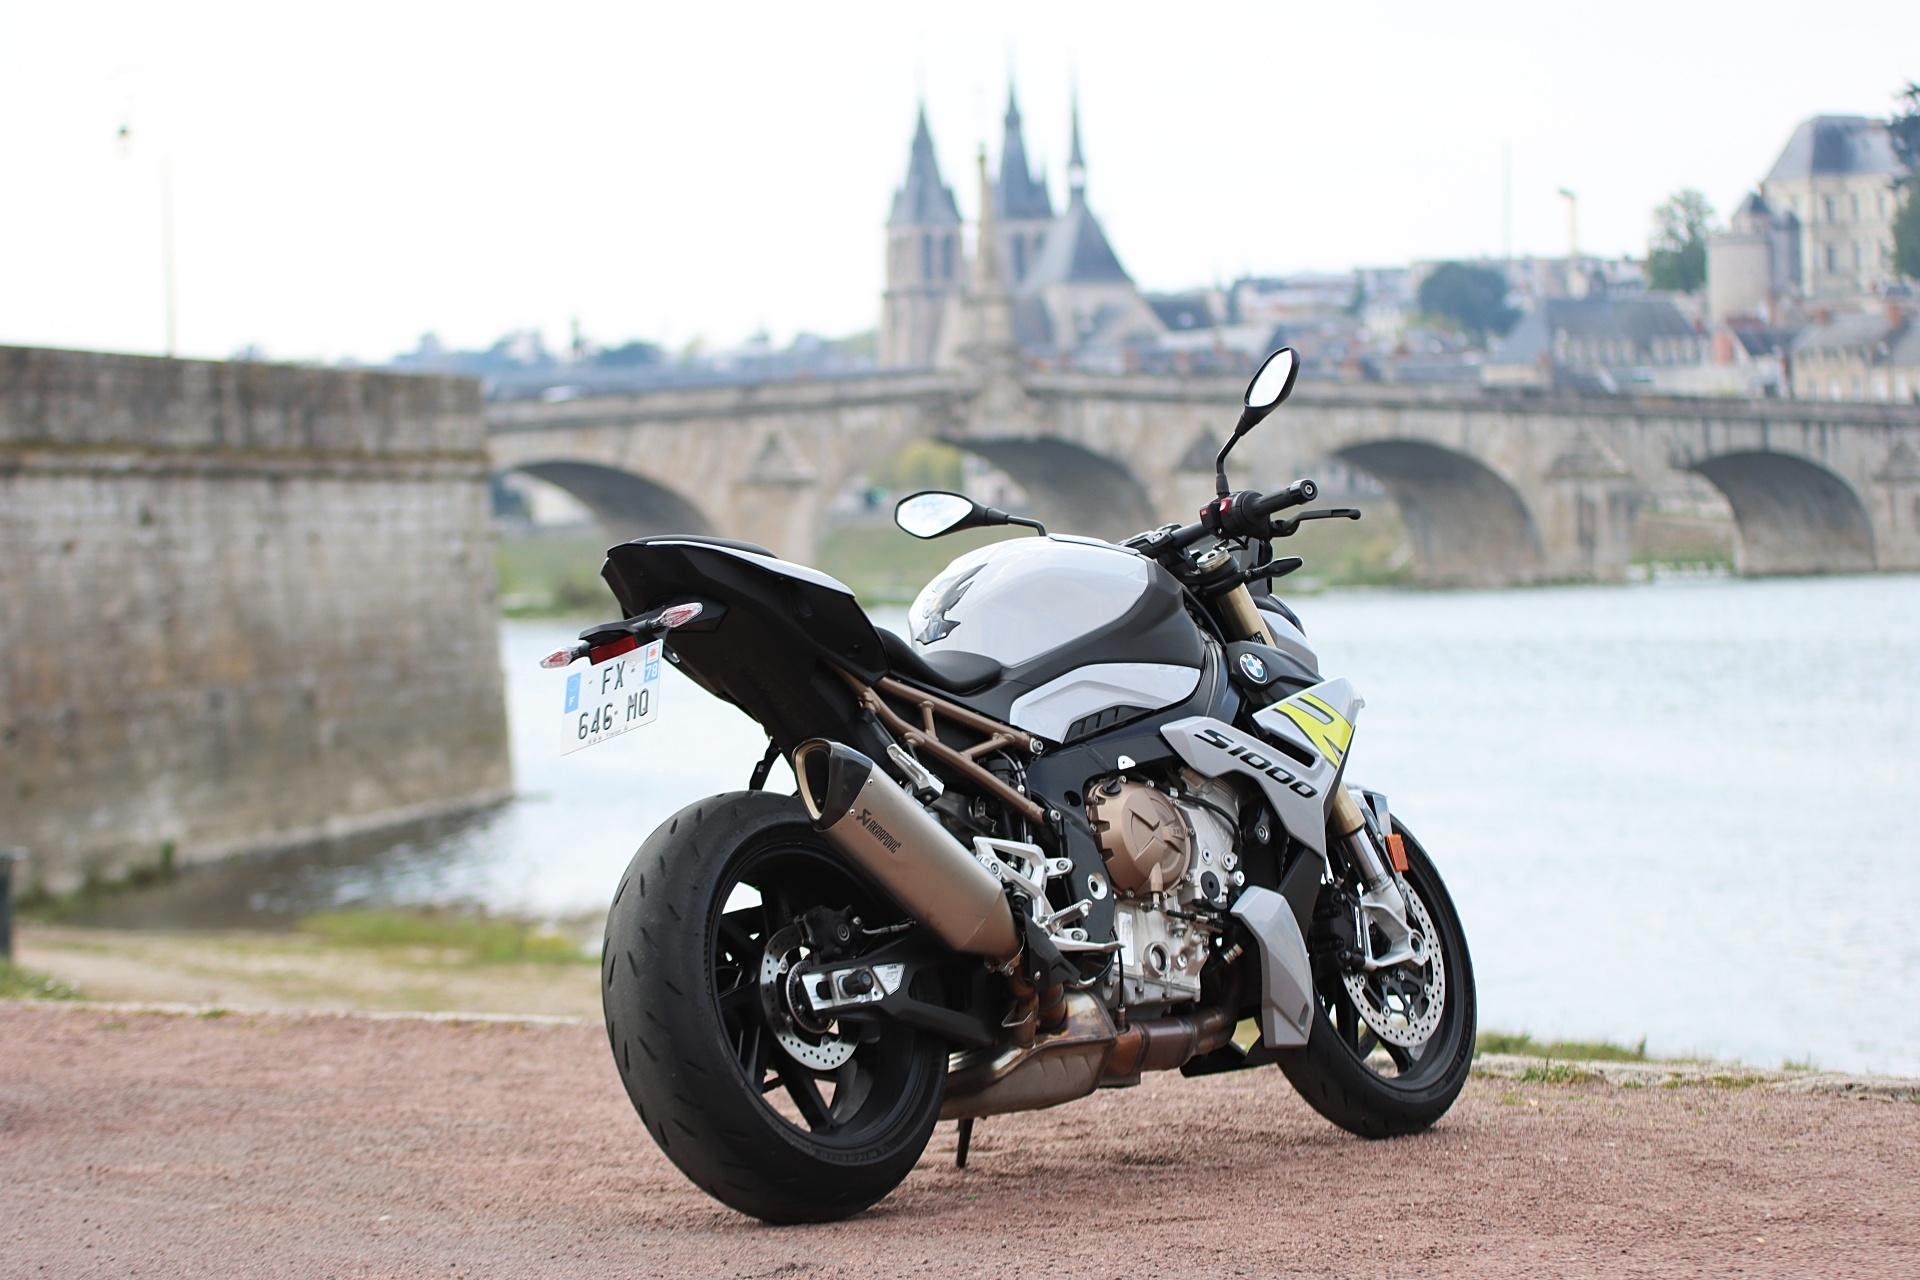 BMW S1000R 2021 S0-essai-bmw-s1000-r-671868